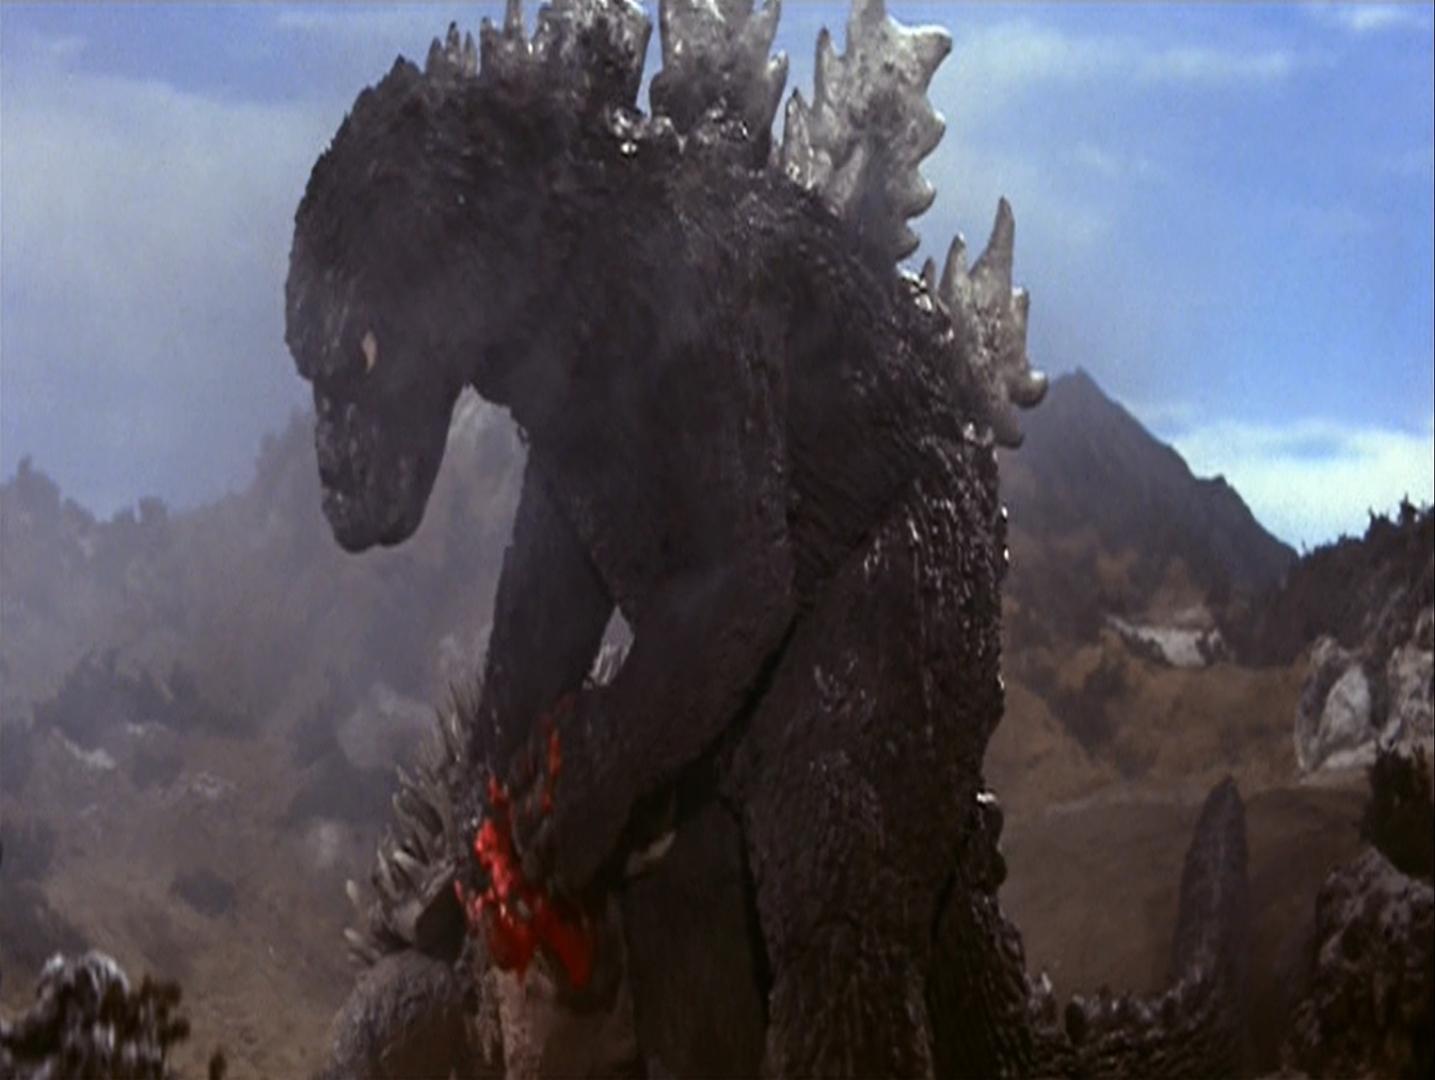 Godzilla vs. Mechagodzilla (1974) - Midnite Reviews